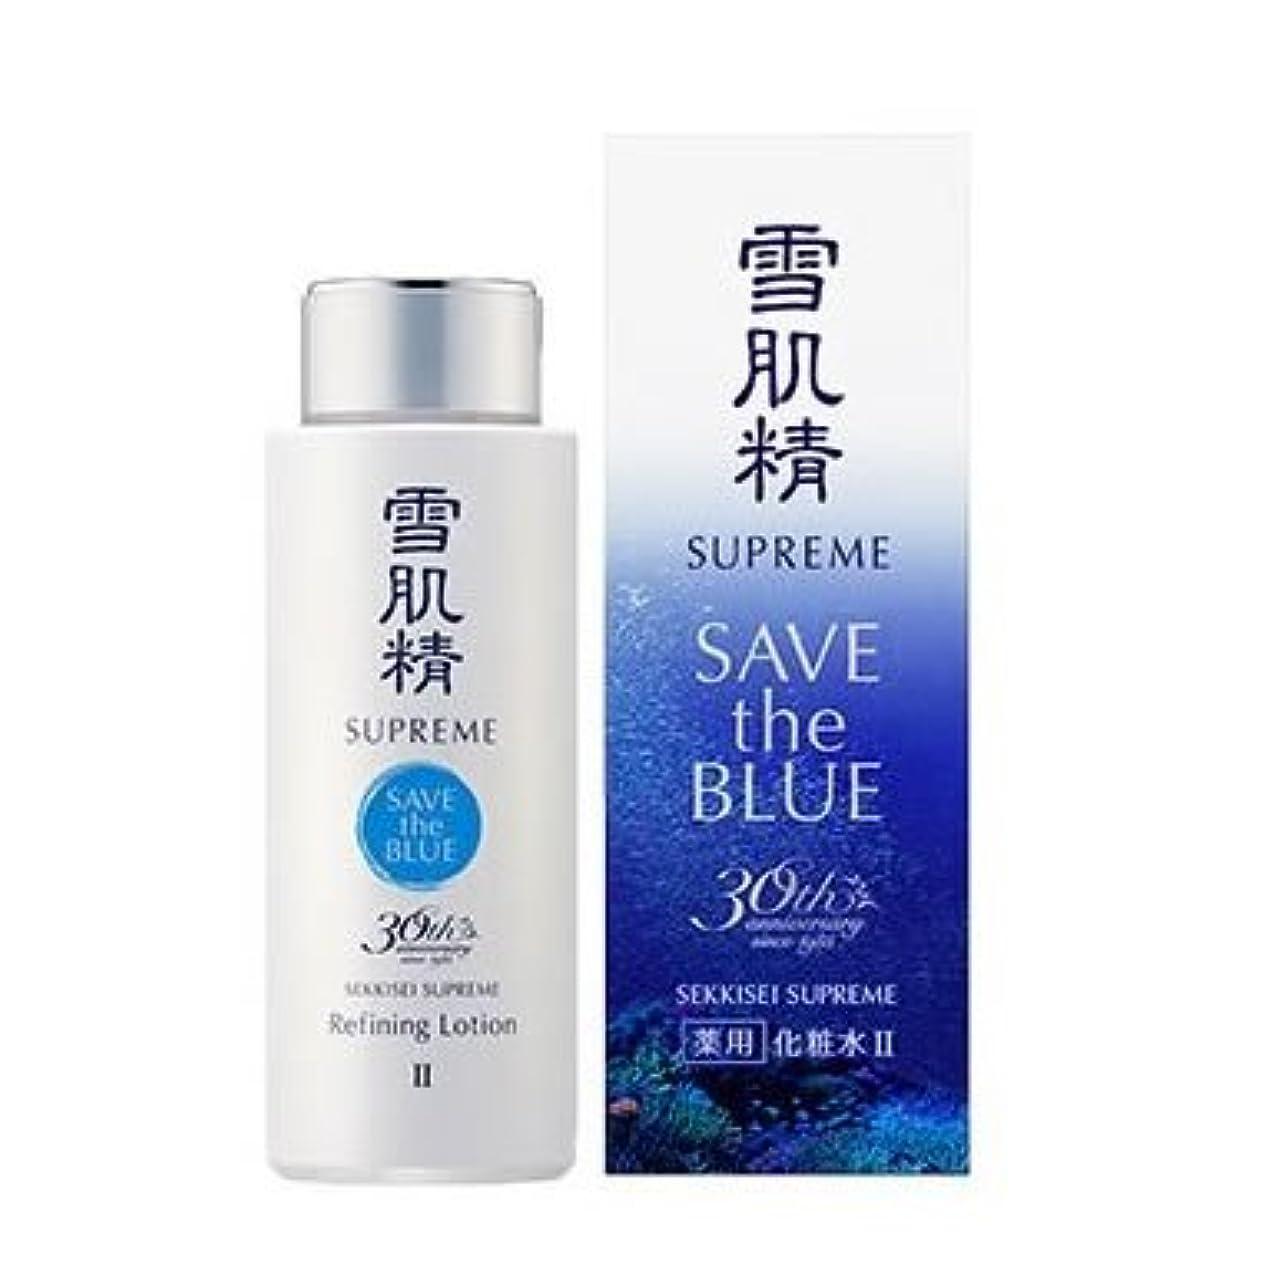 シェルターマーキング国際コーセー 雪肌精シュープレム 化粧水 II 400ml 限定ボトル SAVE the BLUE 30th Anniversary [並行輸入品]